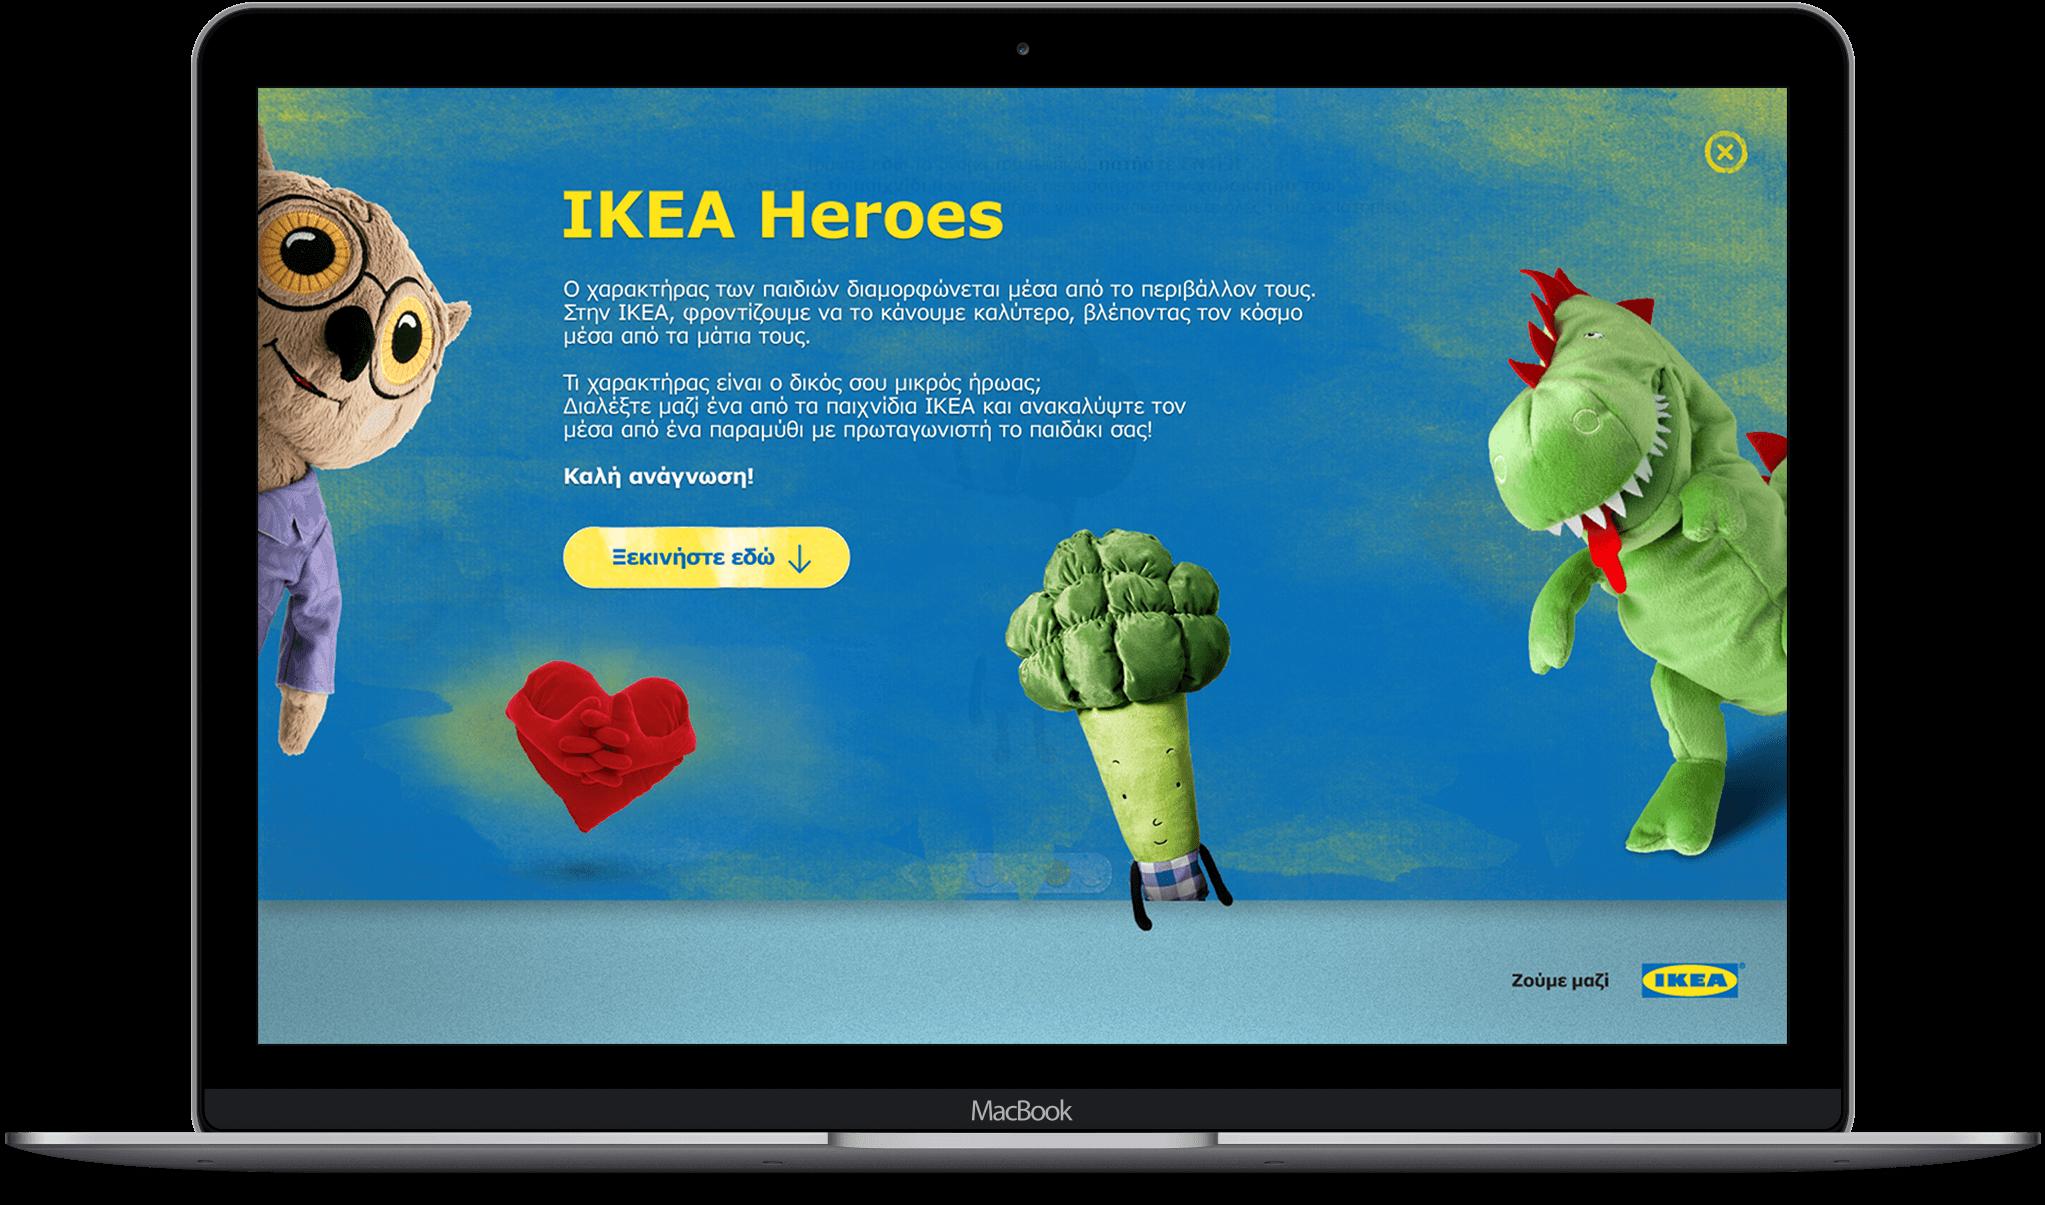 Ikea-Heroes-Macbook